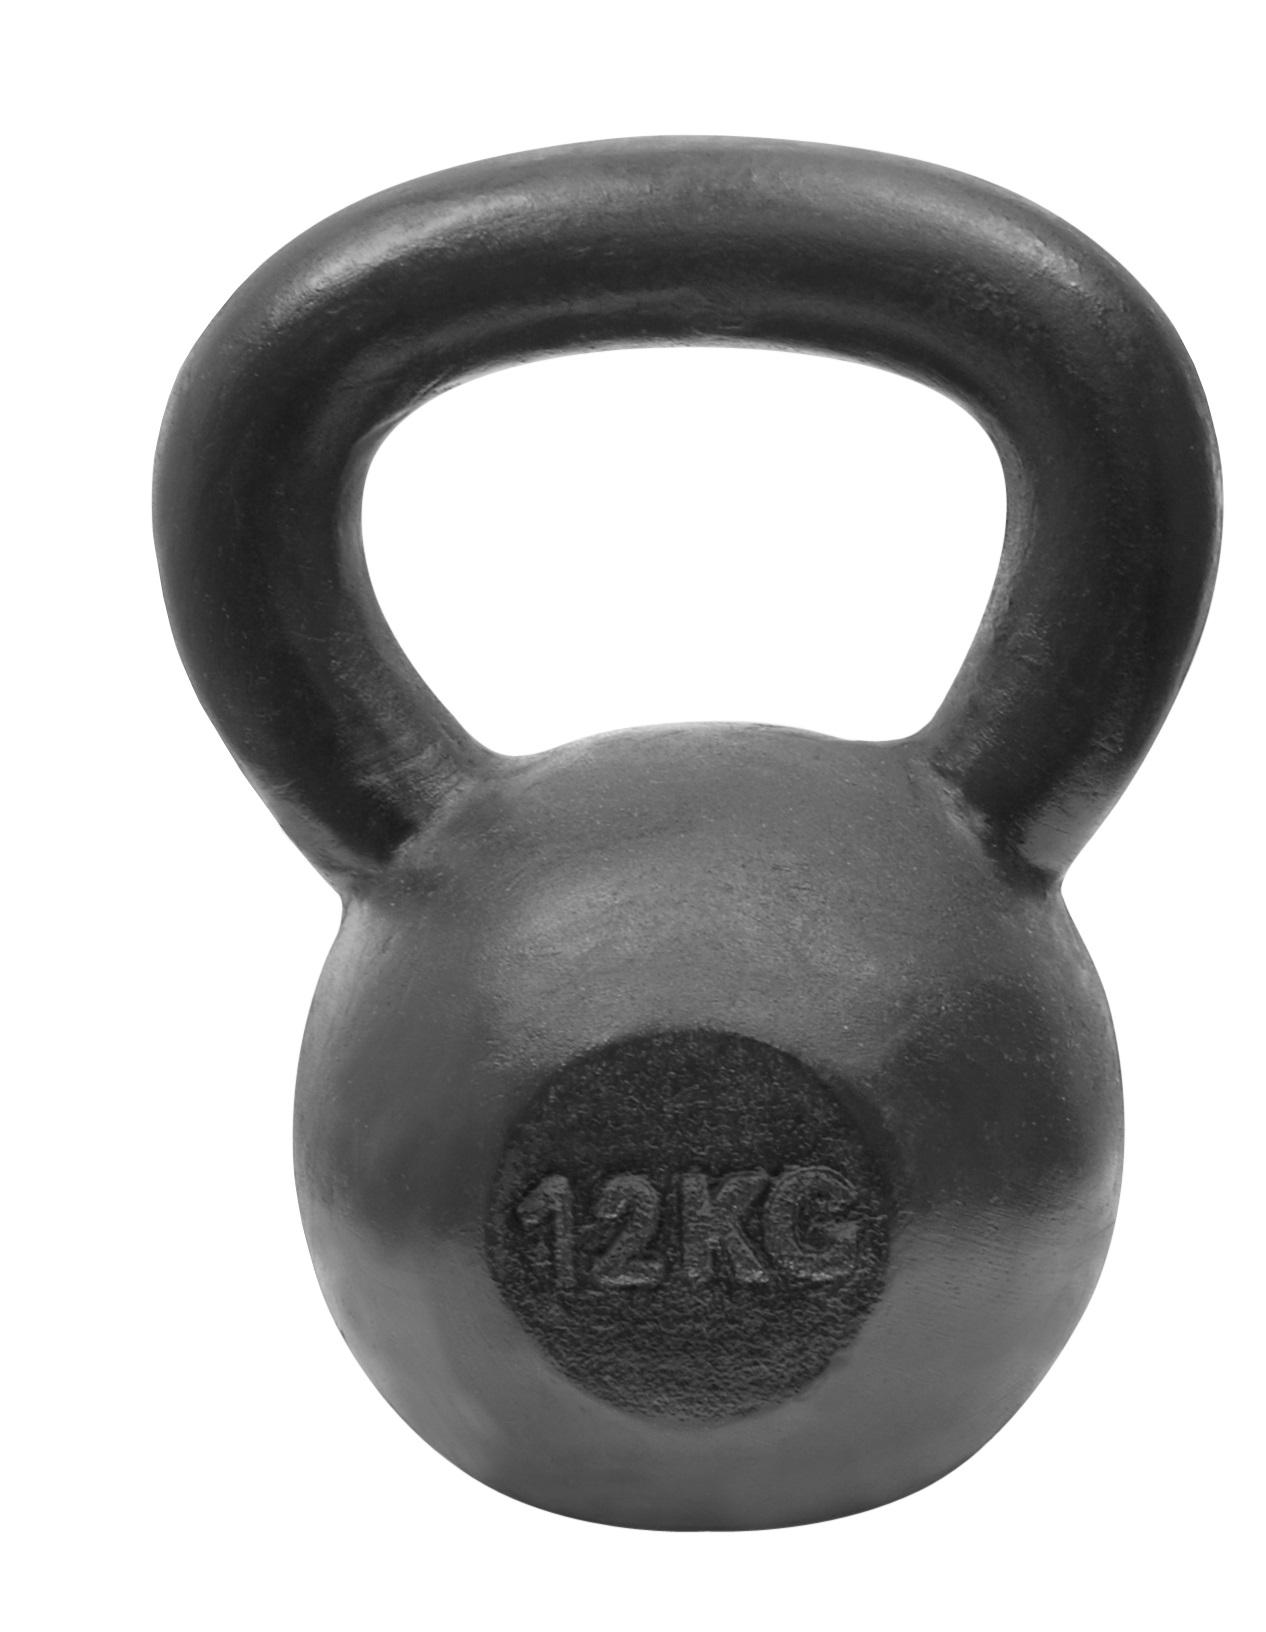 Činka Kettlebell Steell LIIFEFIT 12kg